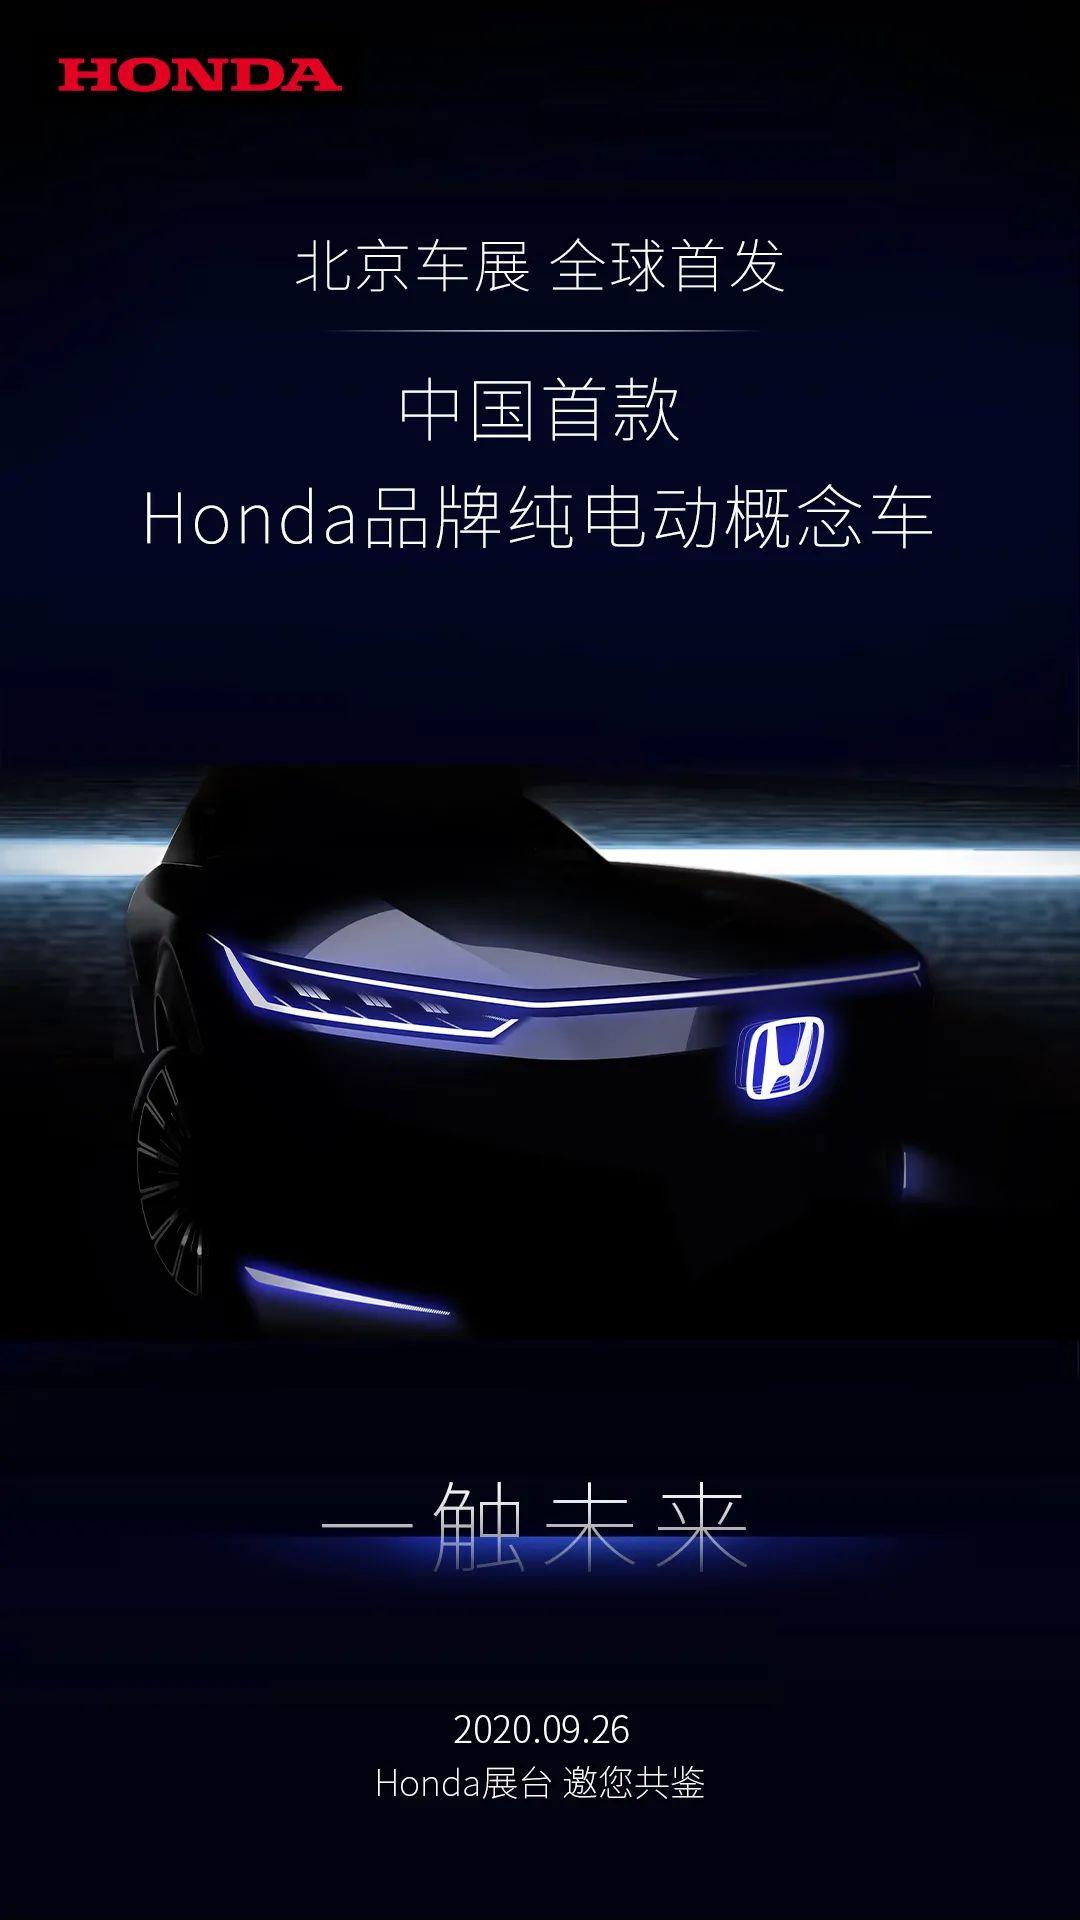 中国首款Honda品牌纯电动概念车北京车展即将亮相